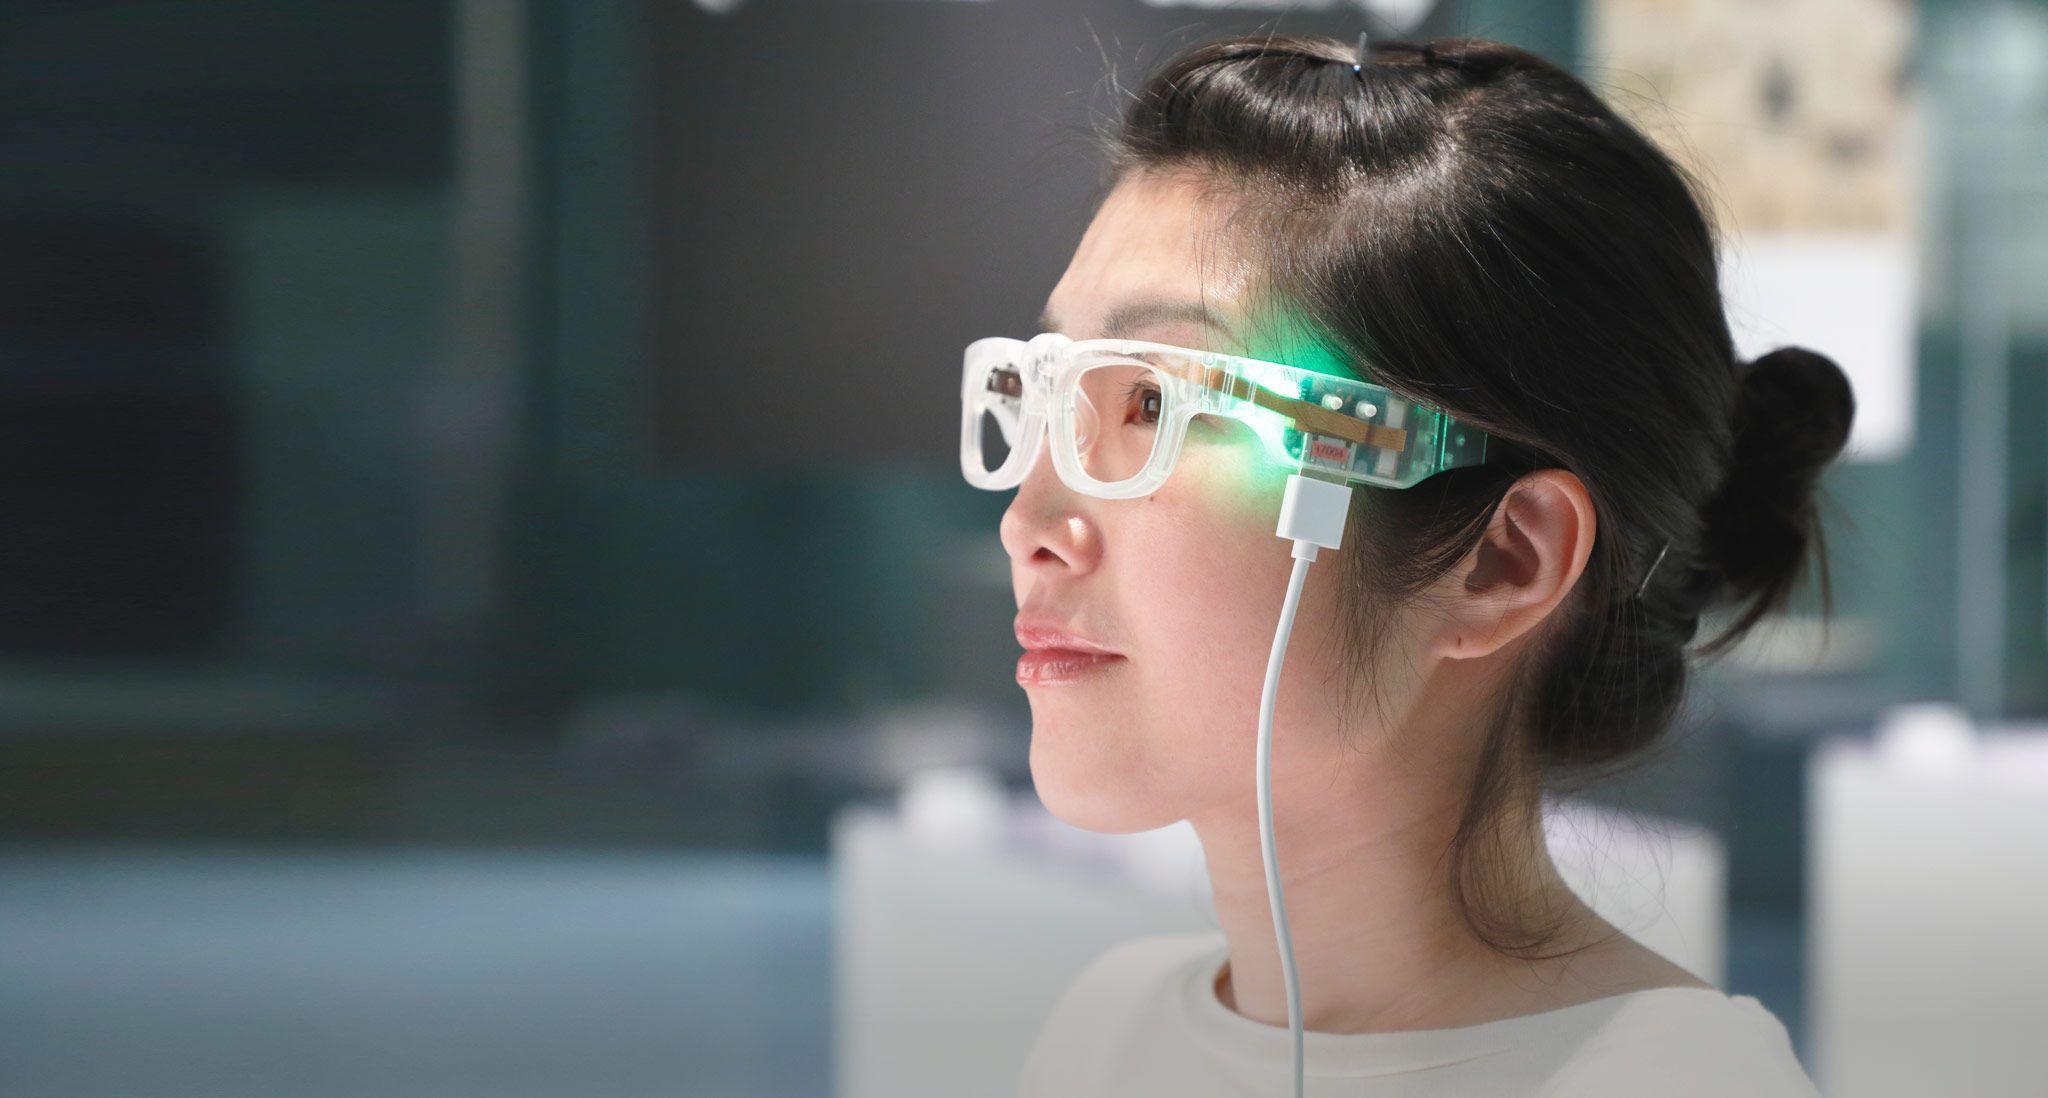 Очки с камерой помогут читать при дислексии и слепоте